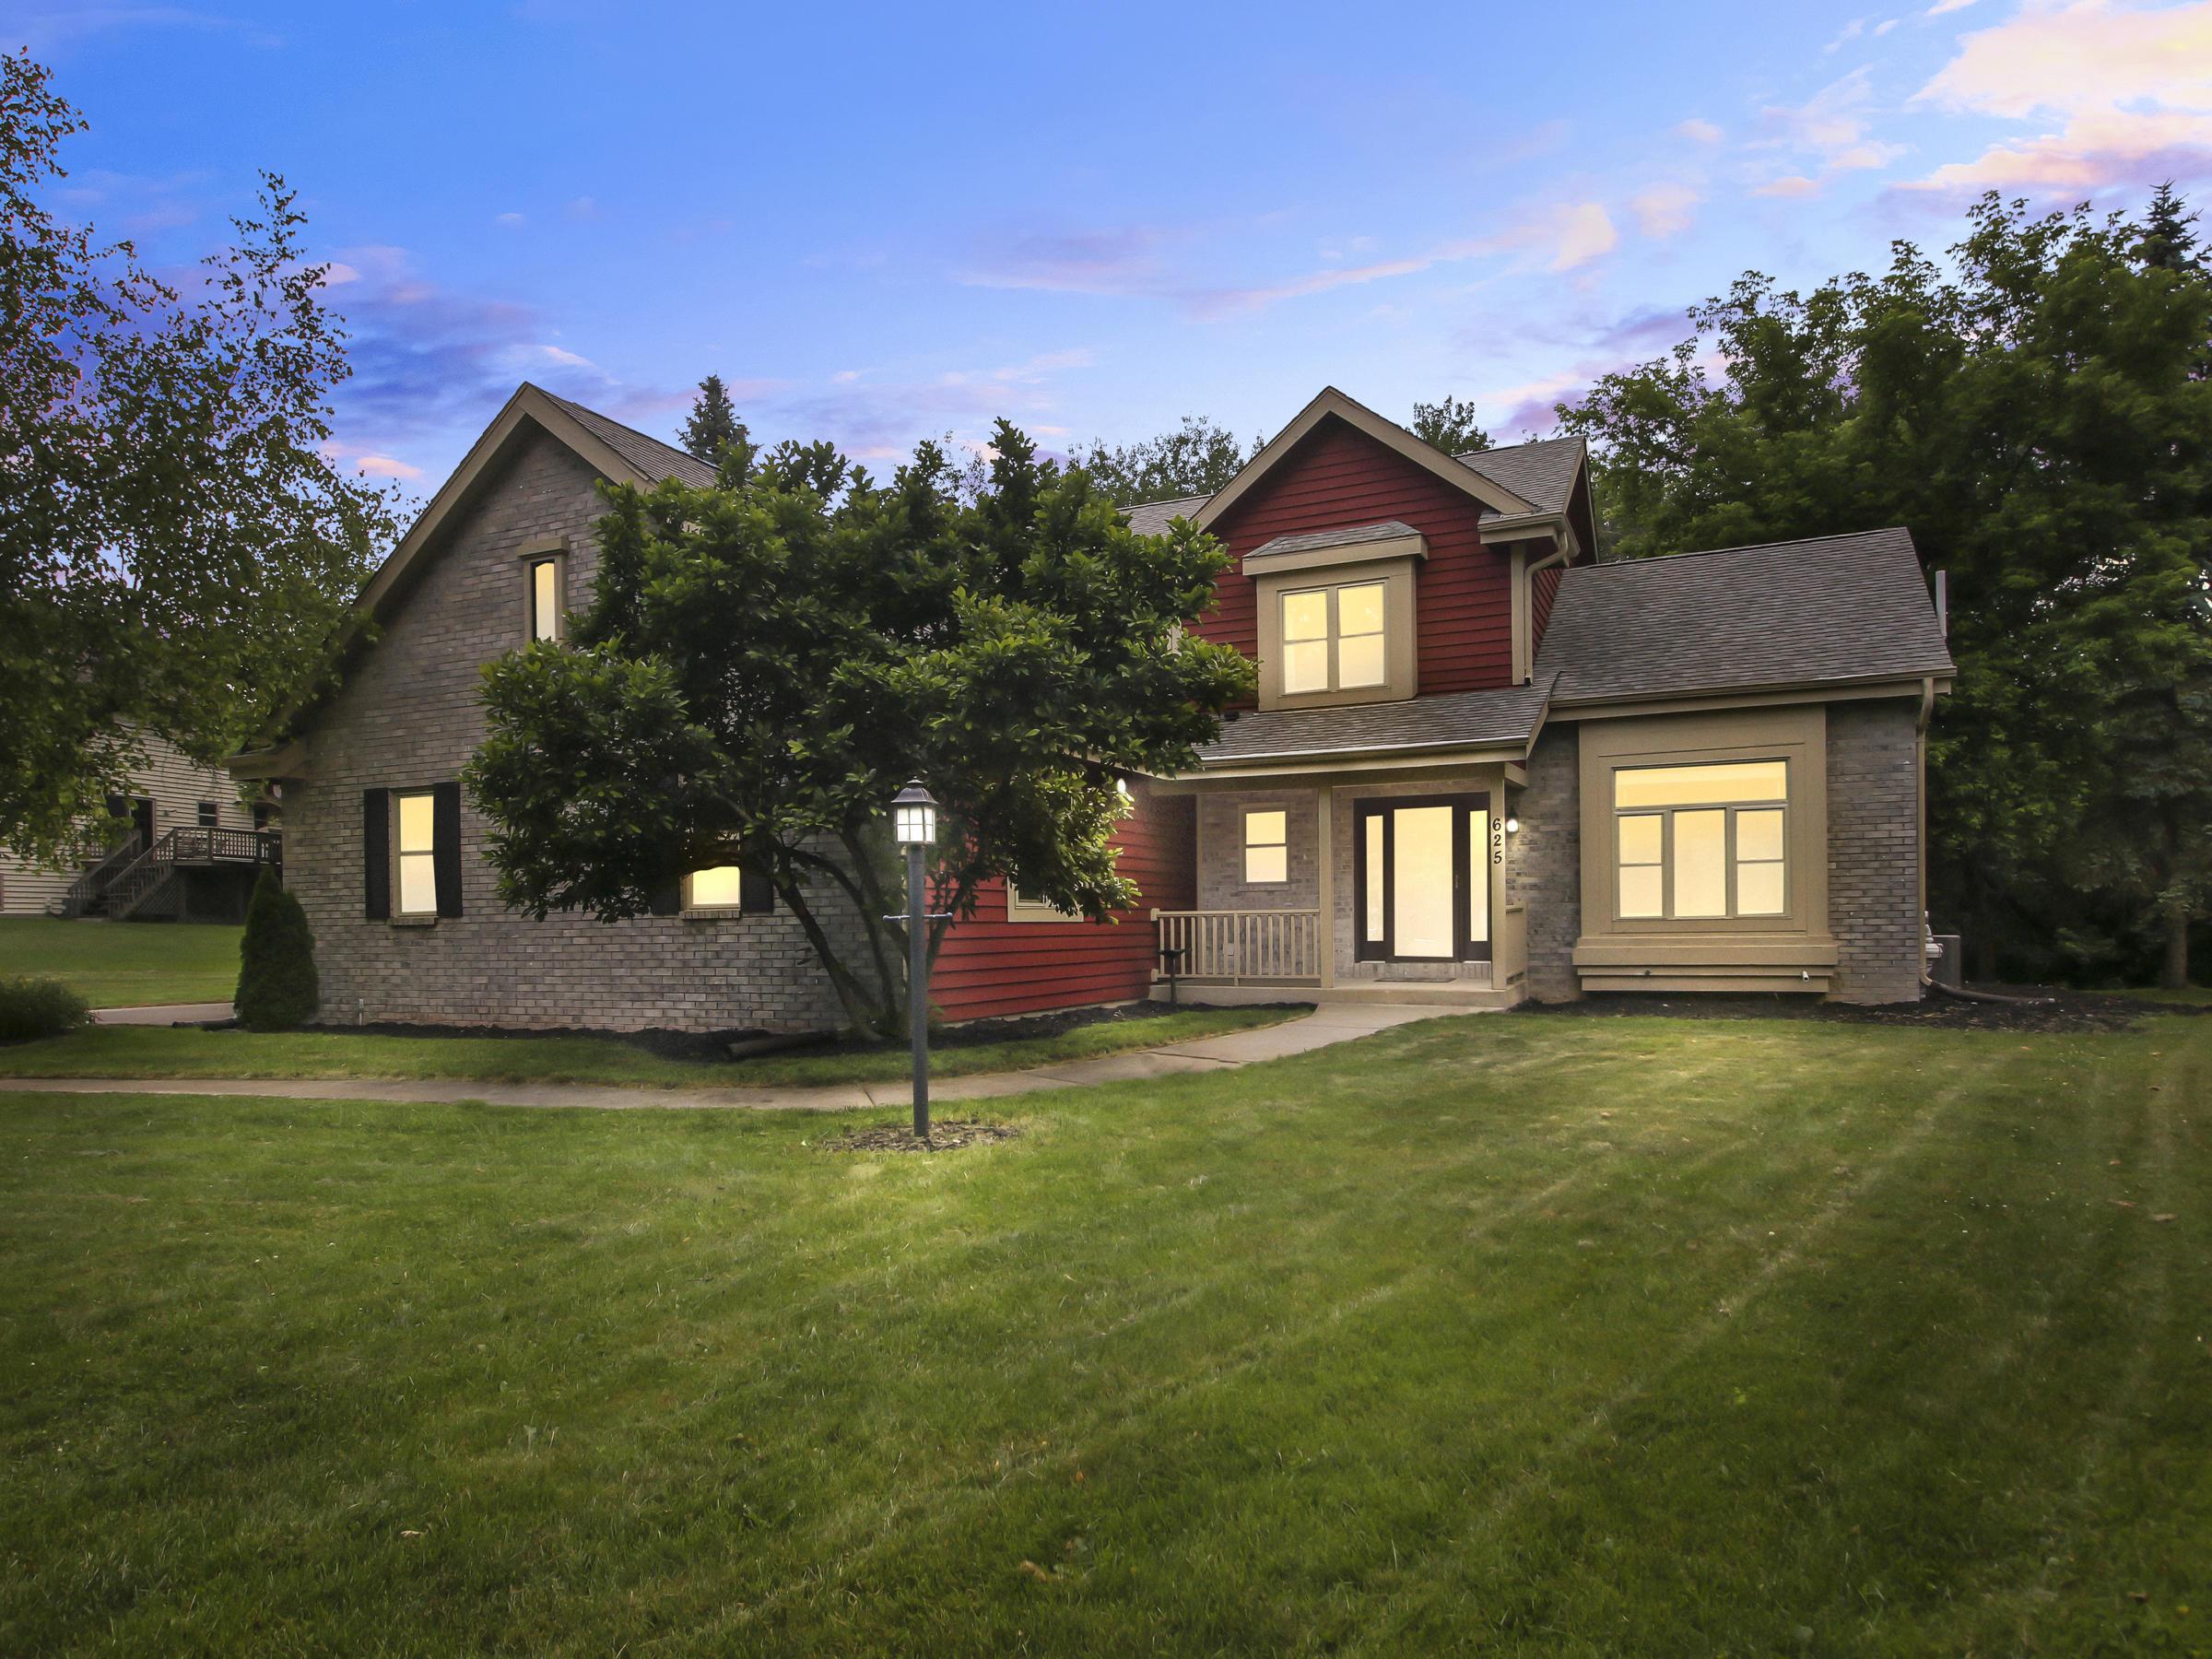 625 Bradford Way, Hartland, Wisconsin 53029, 4 Bedrooms Bedrooms, 10 Rooms Rooms,3 BathroomsBathrooms,Single-Family,For Sale,Bradford Way,1697386